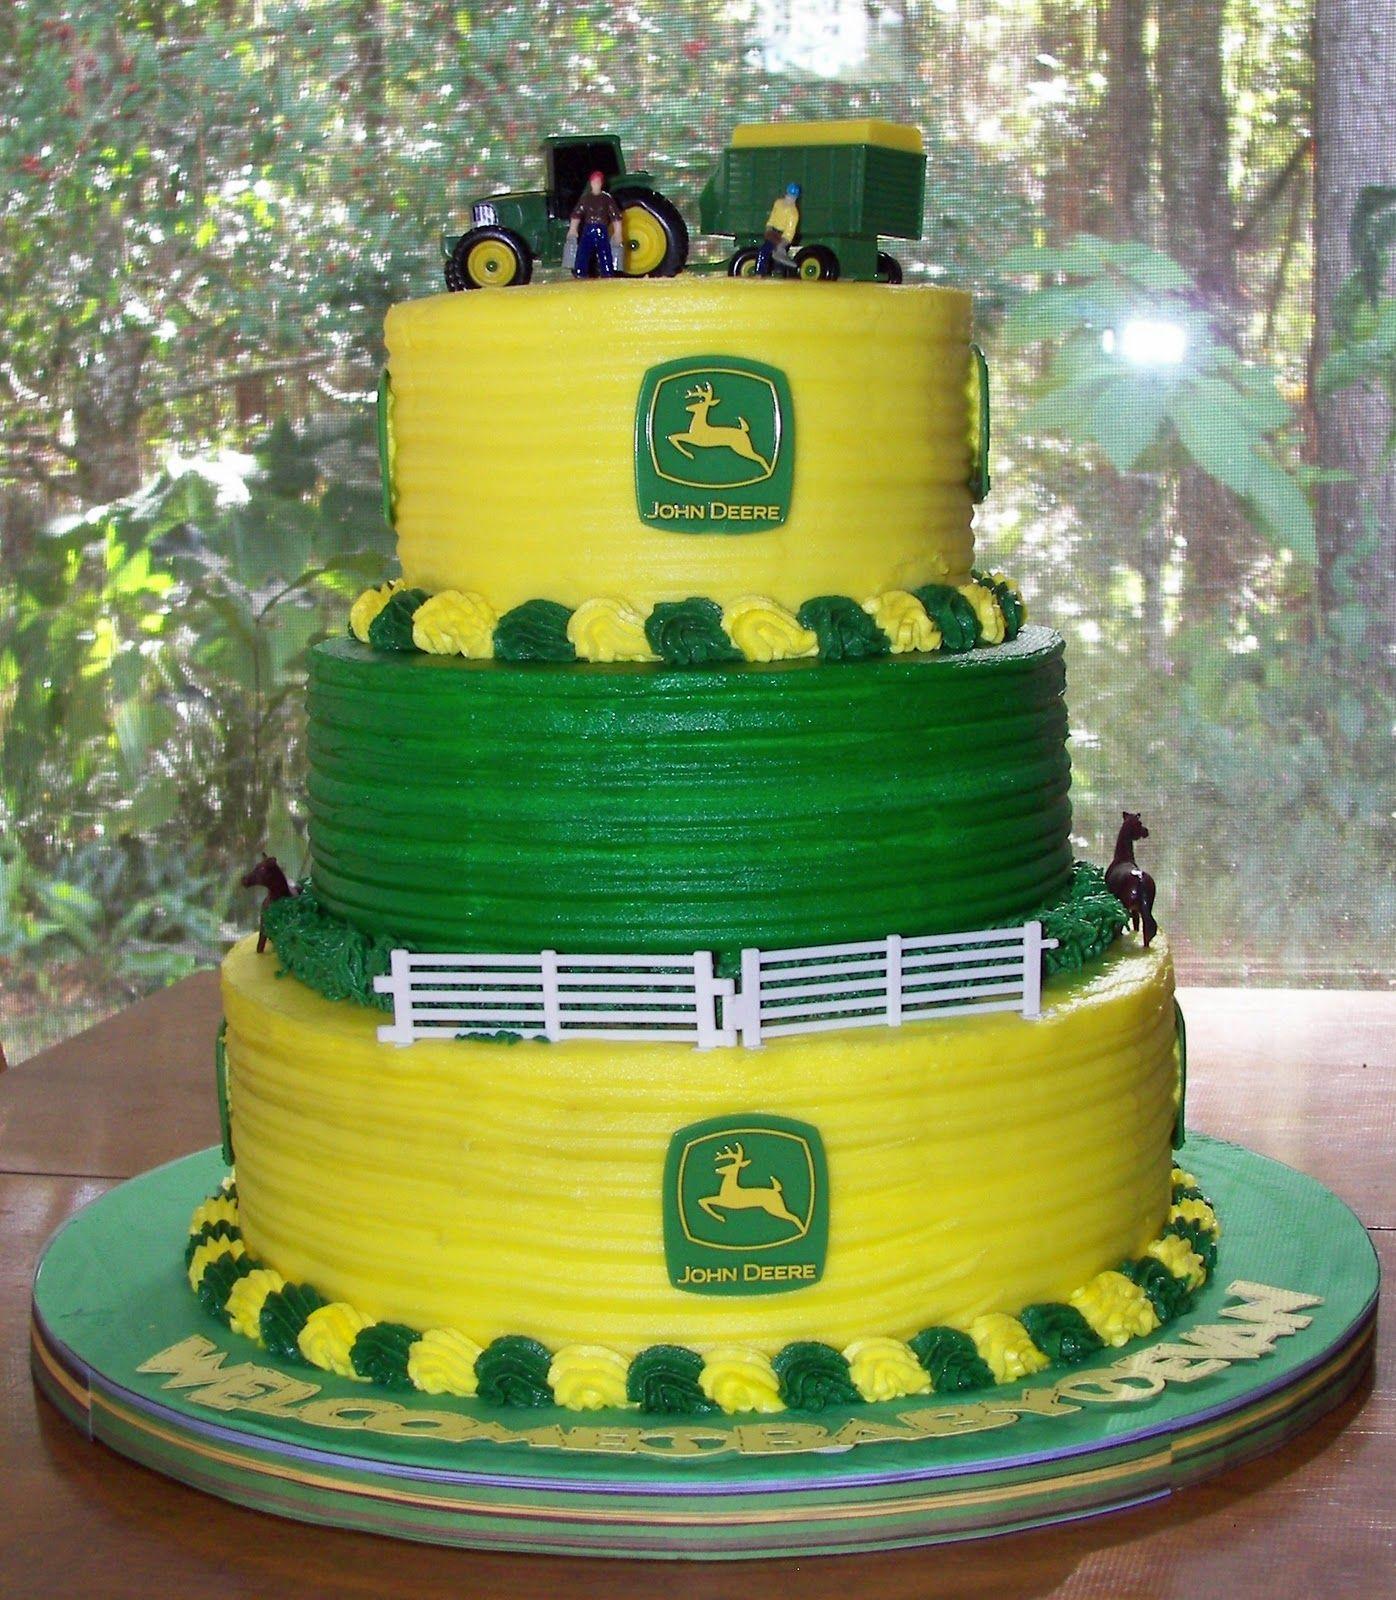 John Deere Cupcake Decorations